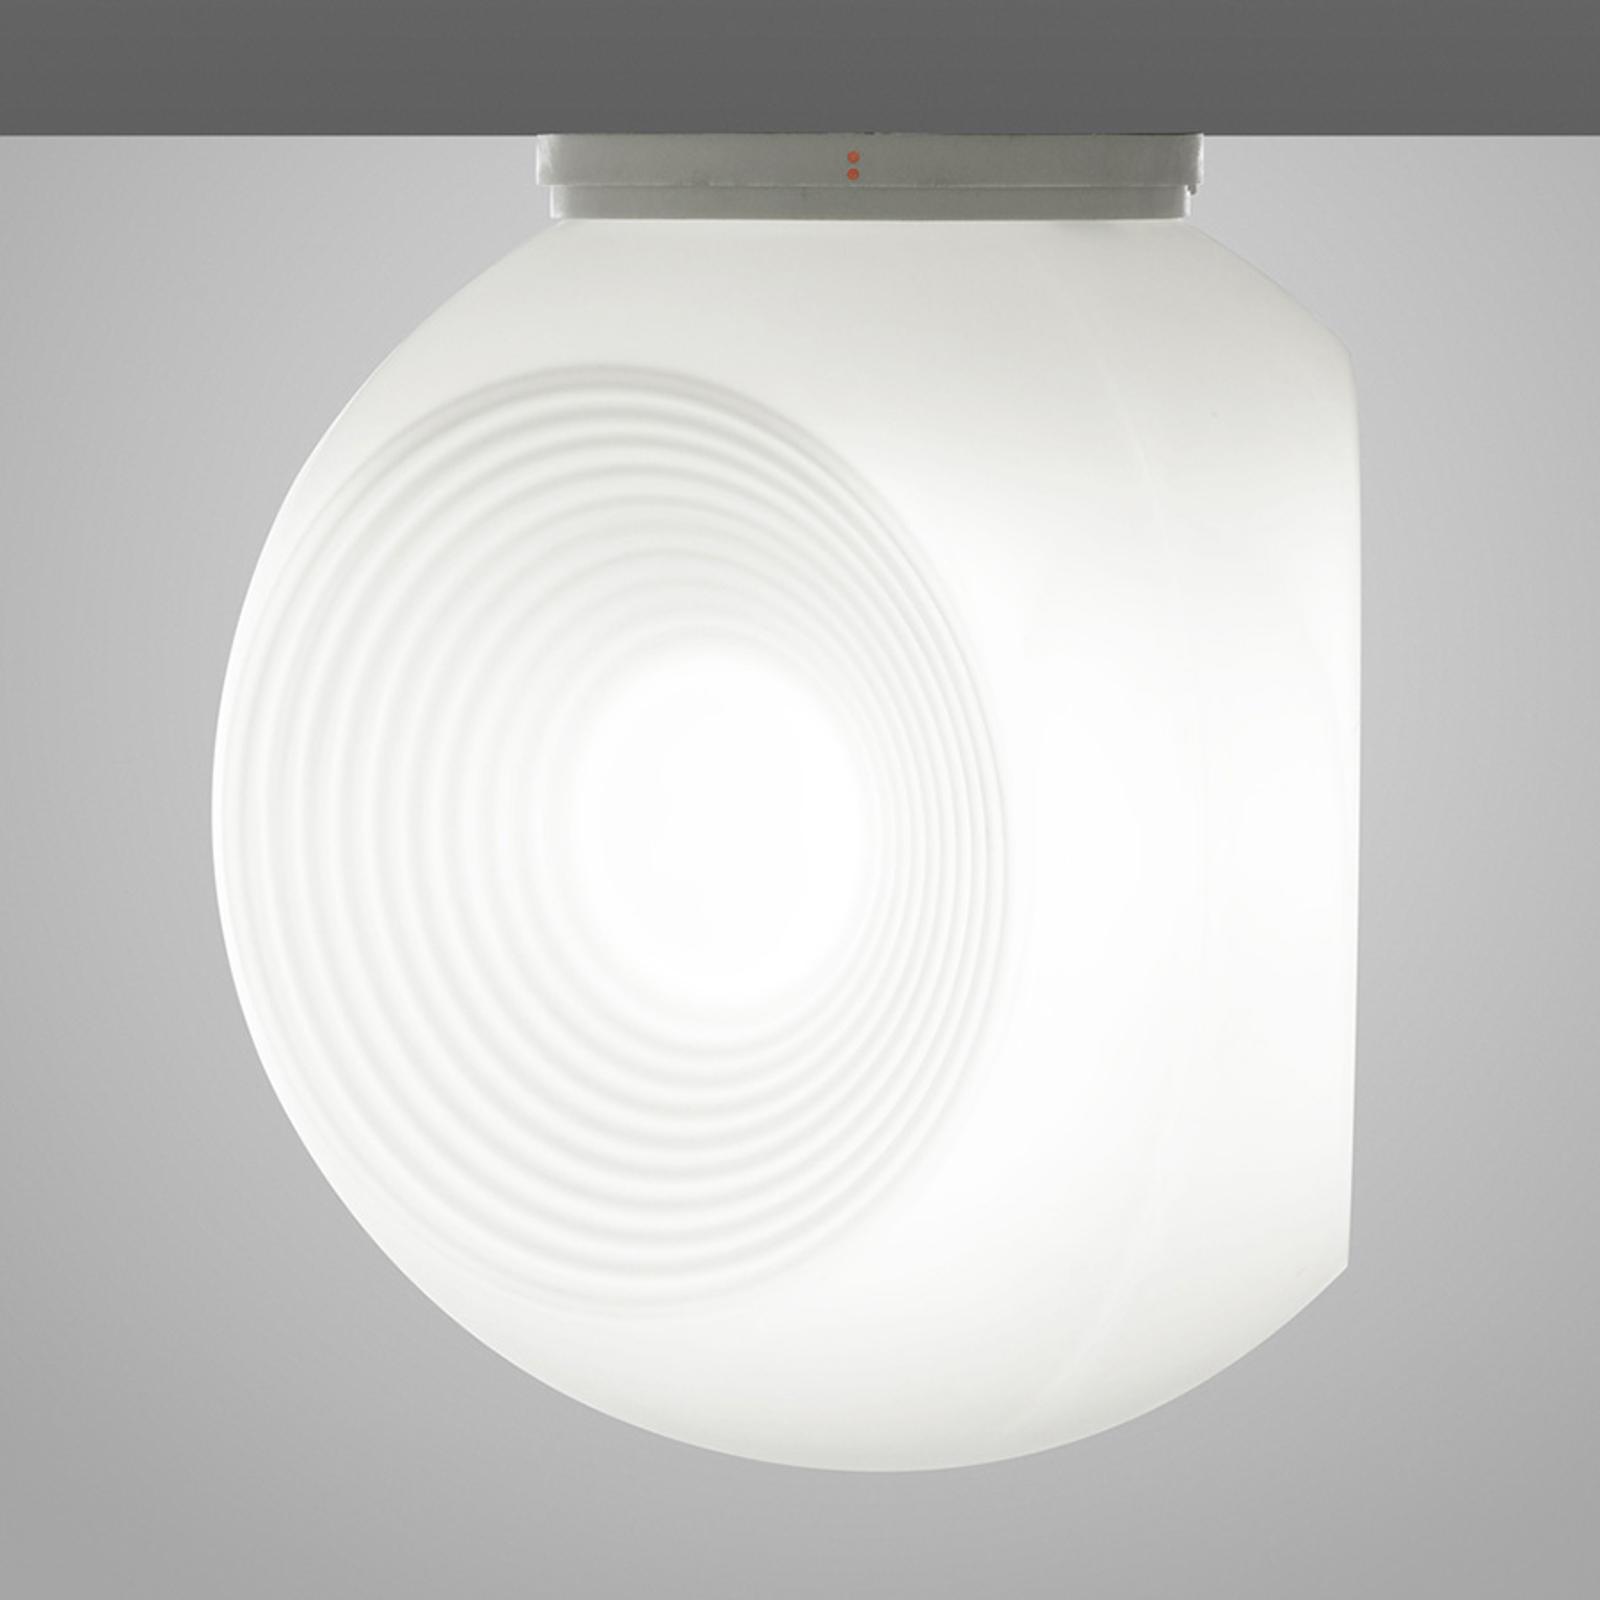 White Eyes glass ceiling light_3503220_1